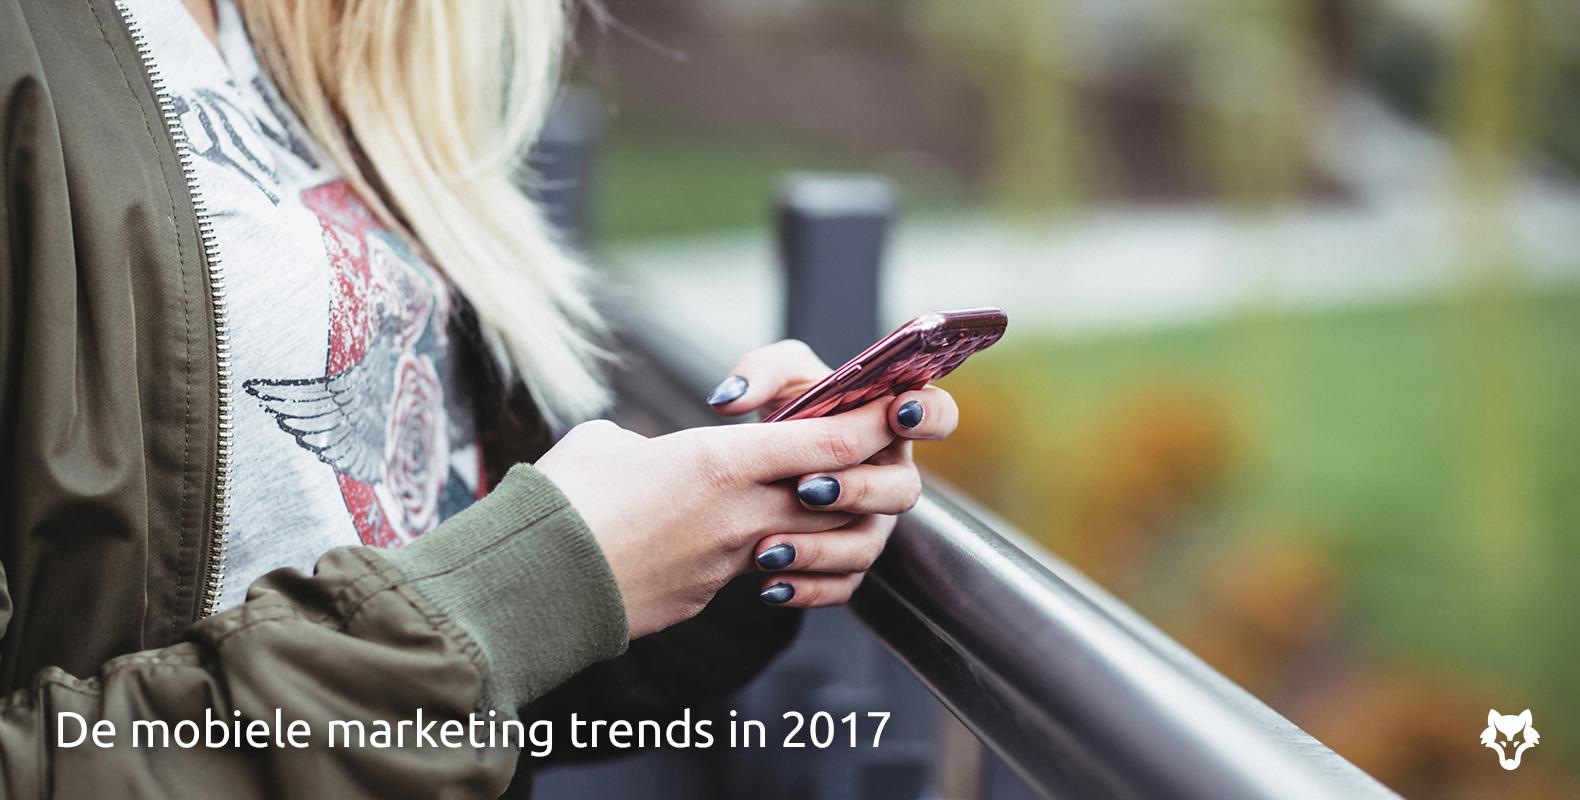 De mobiele marketing trends in 2017